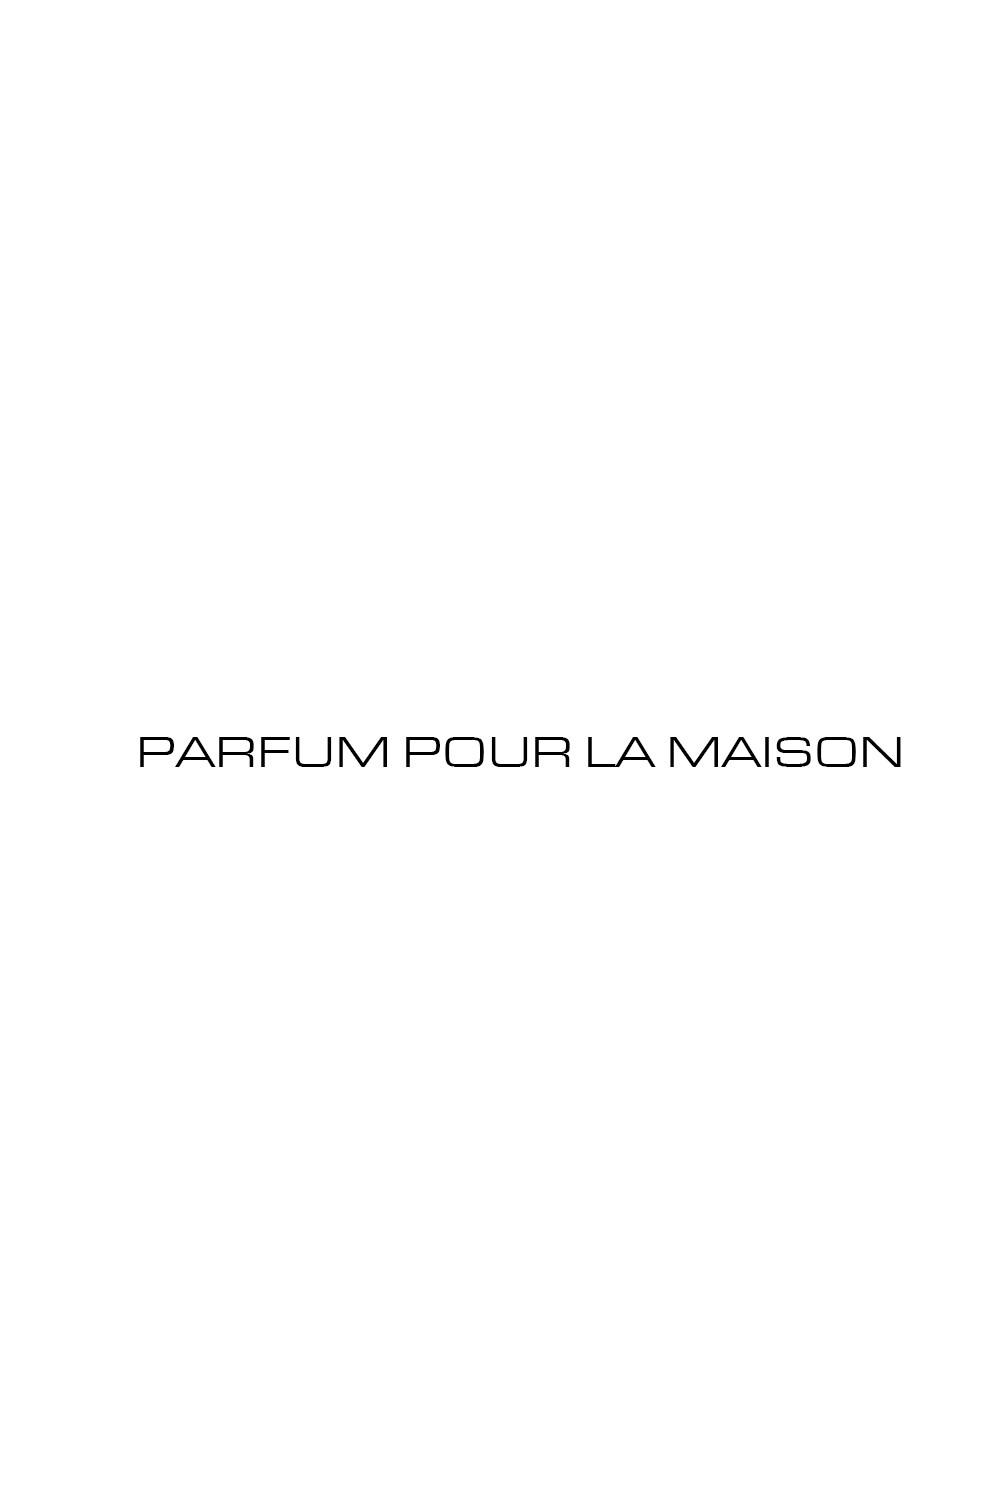 PARFUM POUR LA MAISON